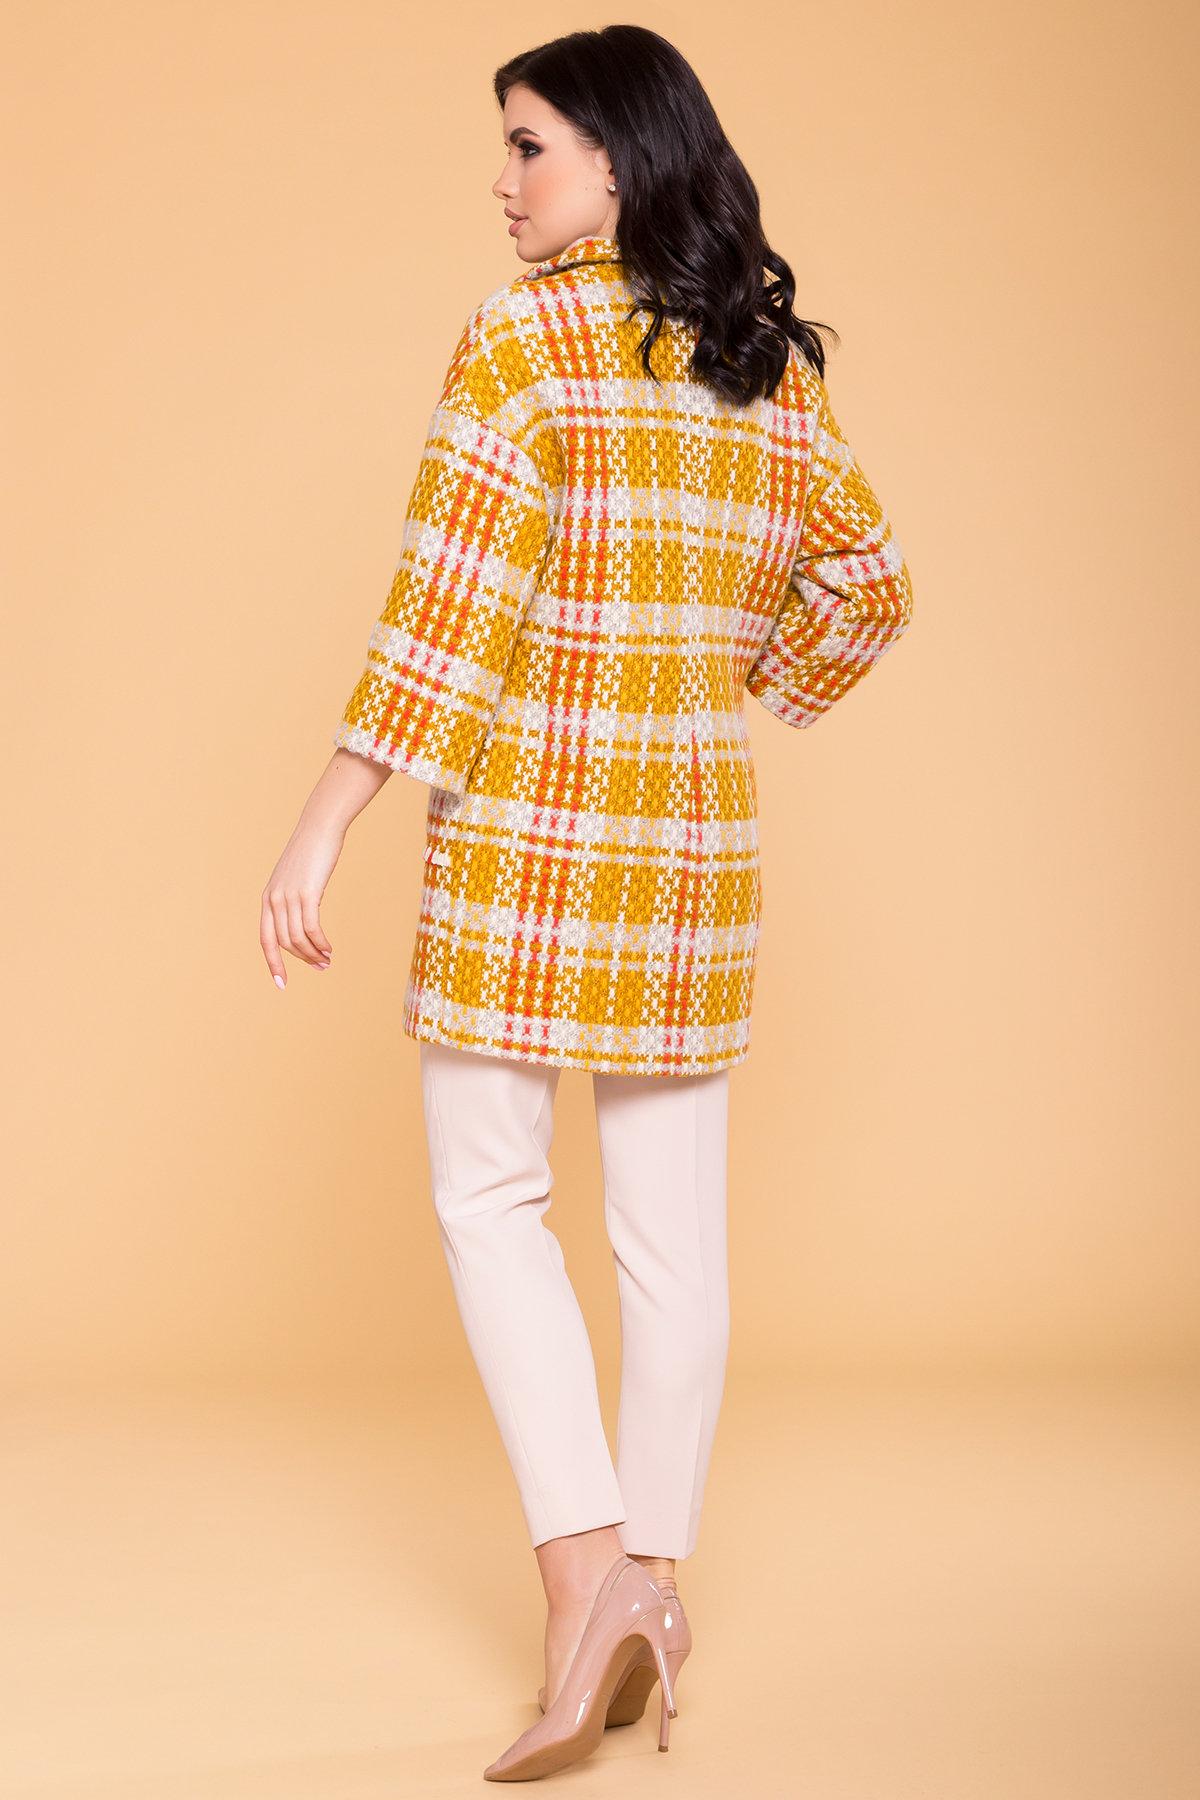 Пальто Бина 1964 АРТ. 38304 Цвет: Горчица/серый/молоко/терракот - фото 2, интернет магазин tm-modus.ru